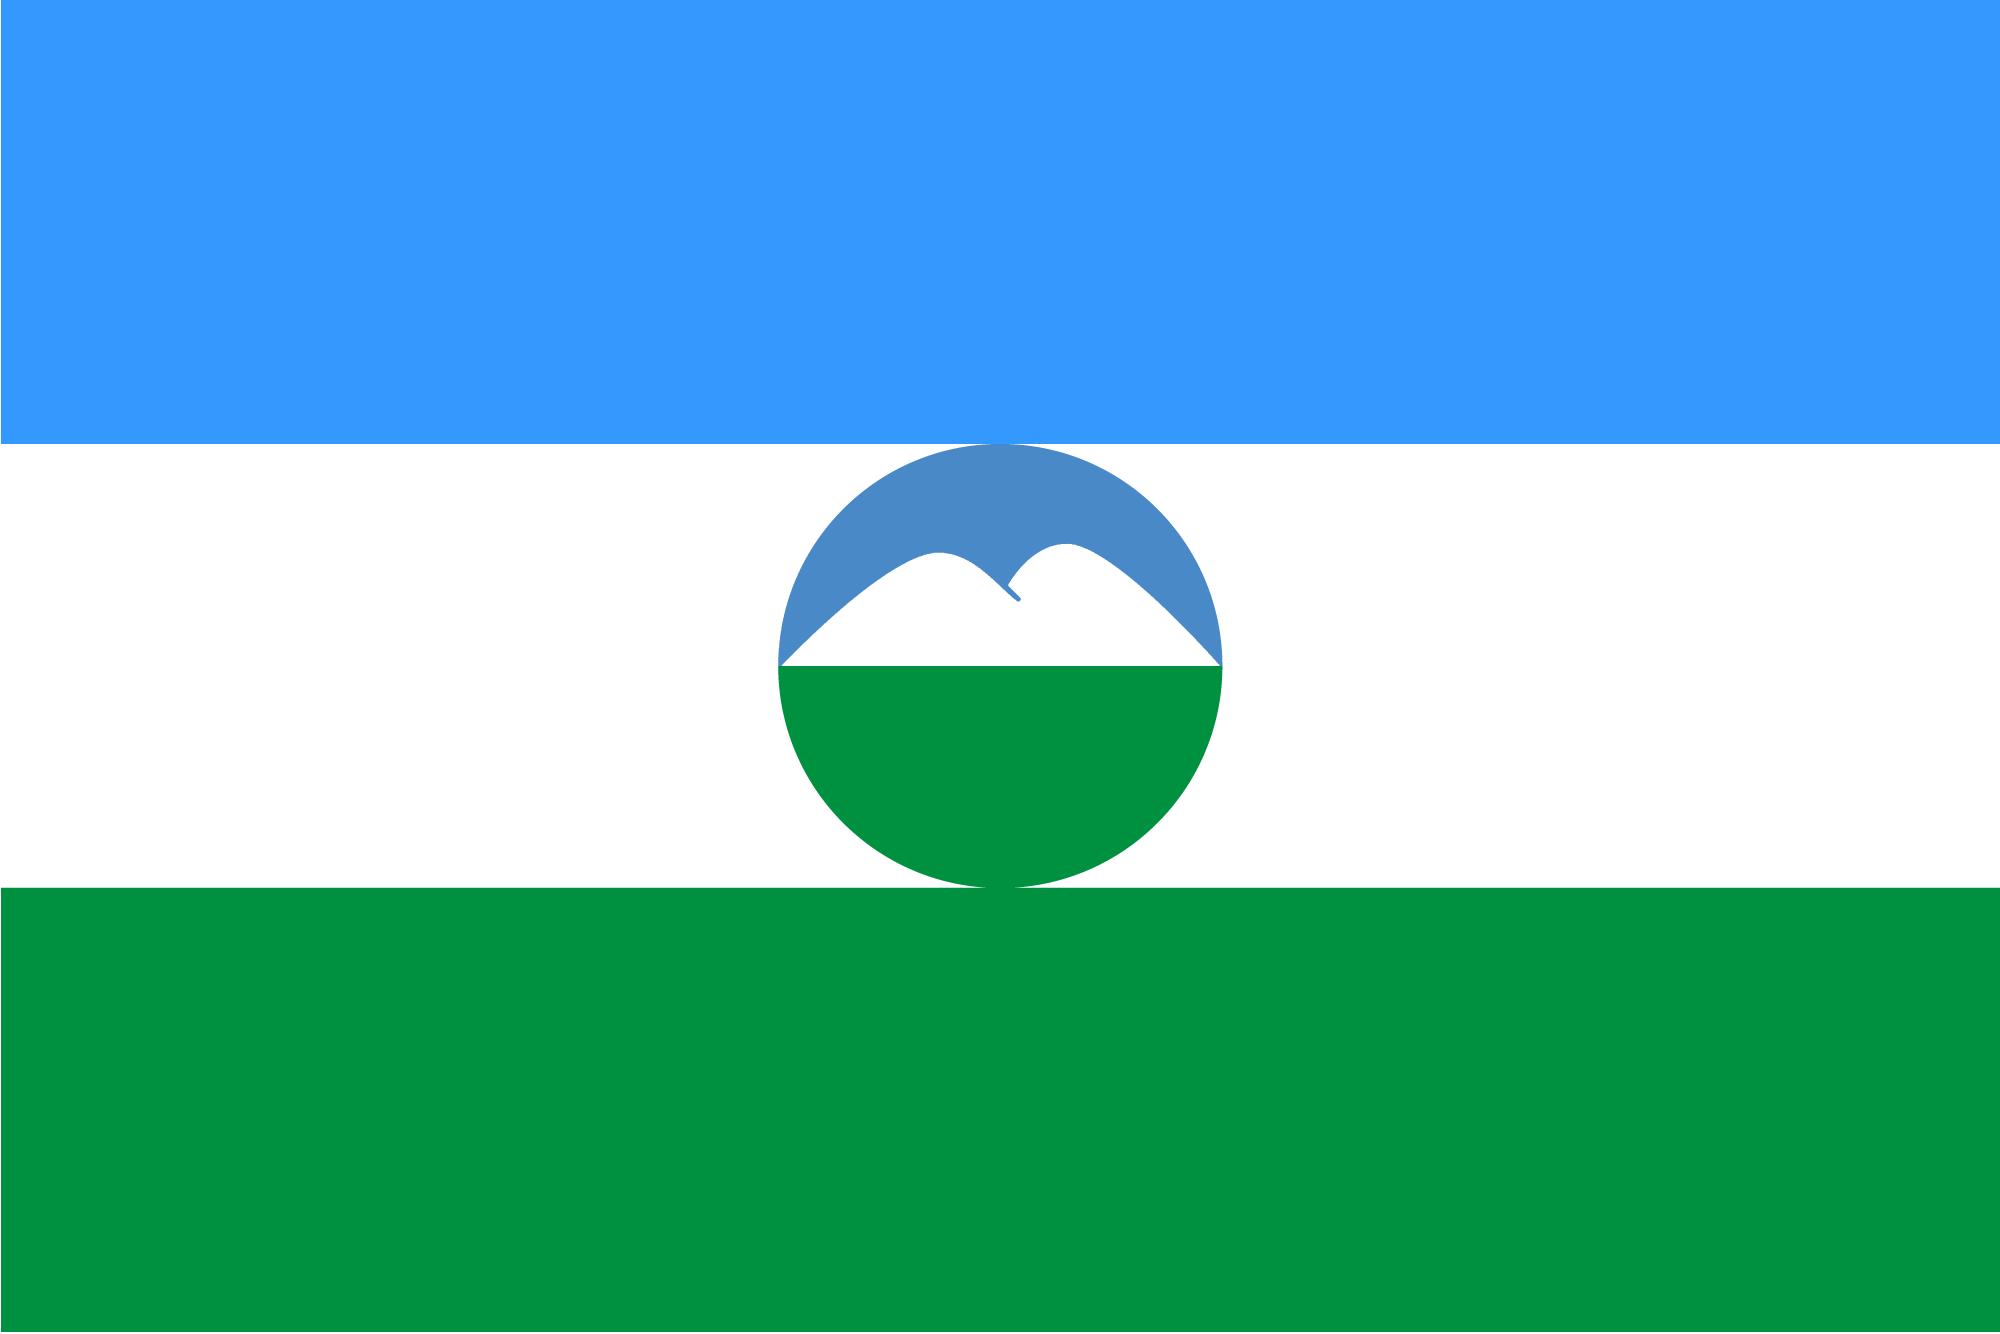 Кабардино-Балкарский флаг